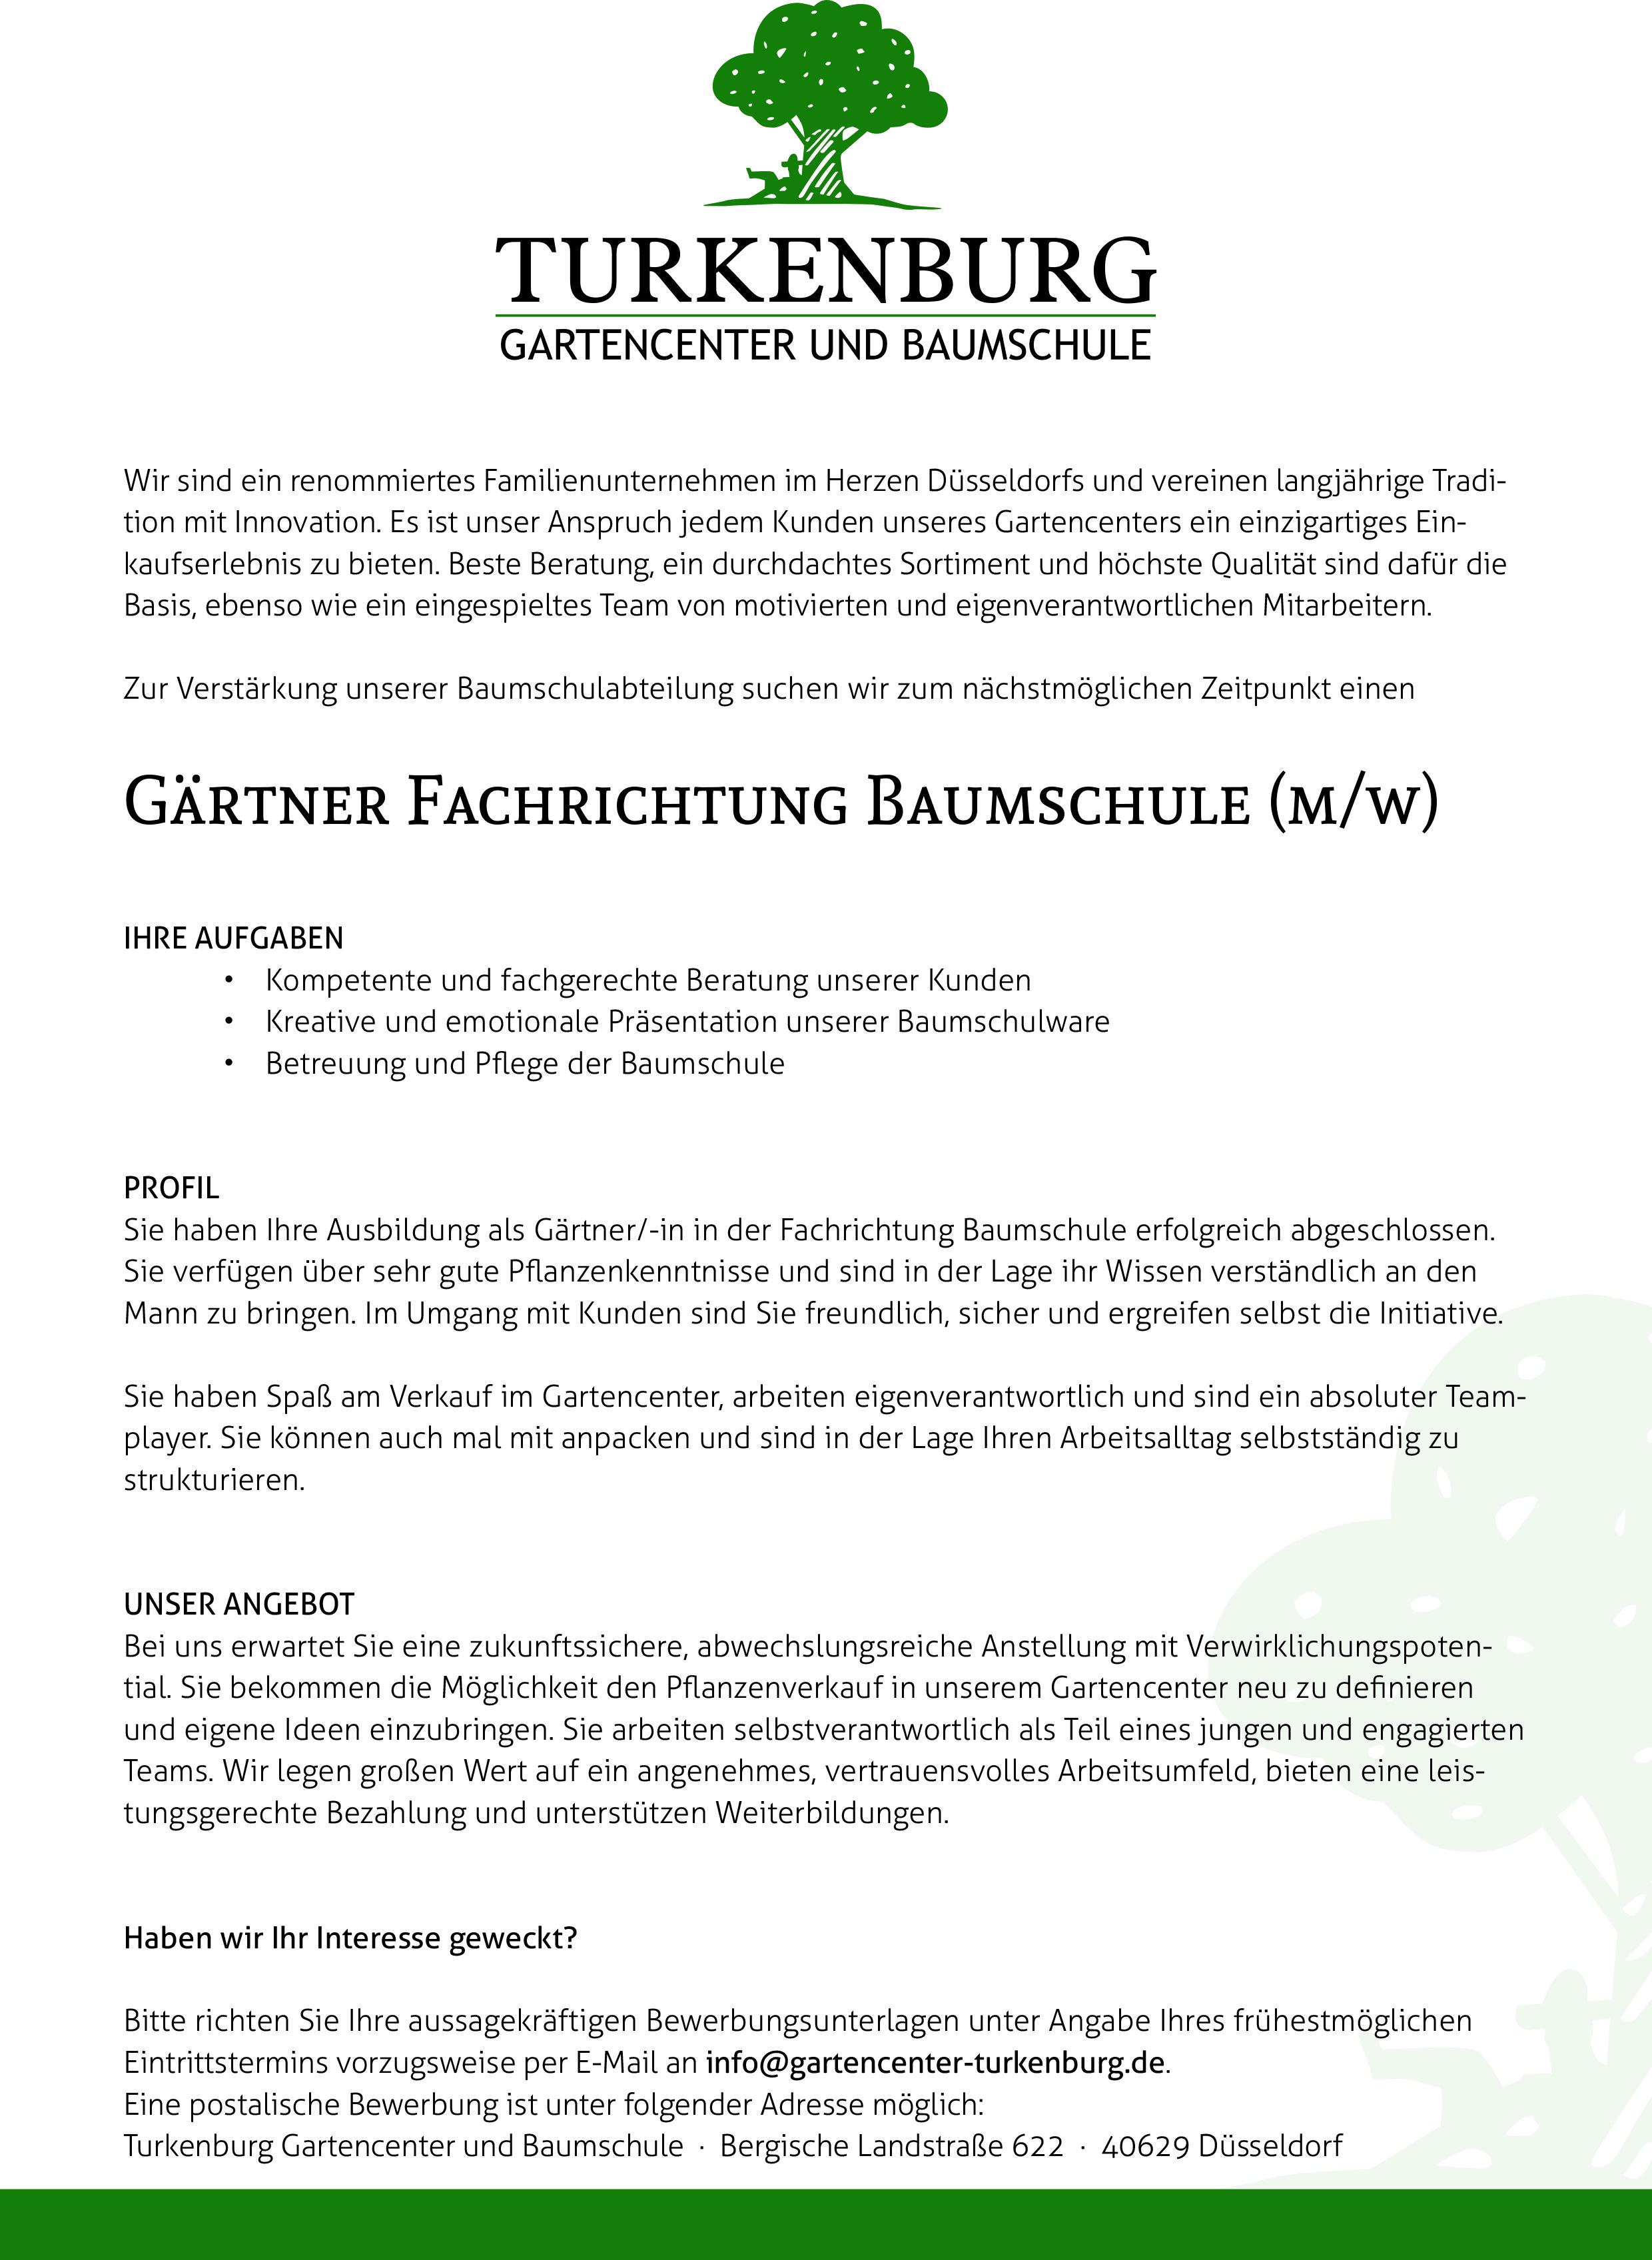 170807_stellenanzeige_02indd - Bewerbung Als Gartner